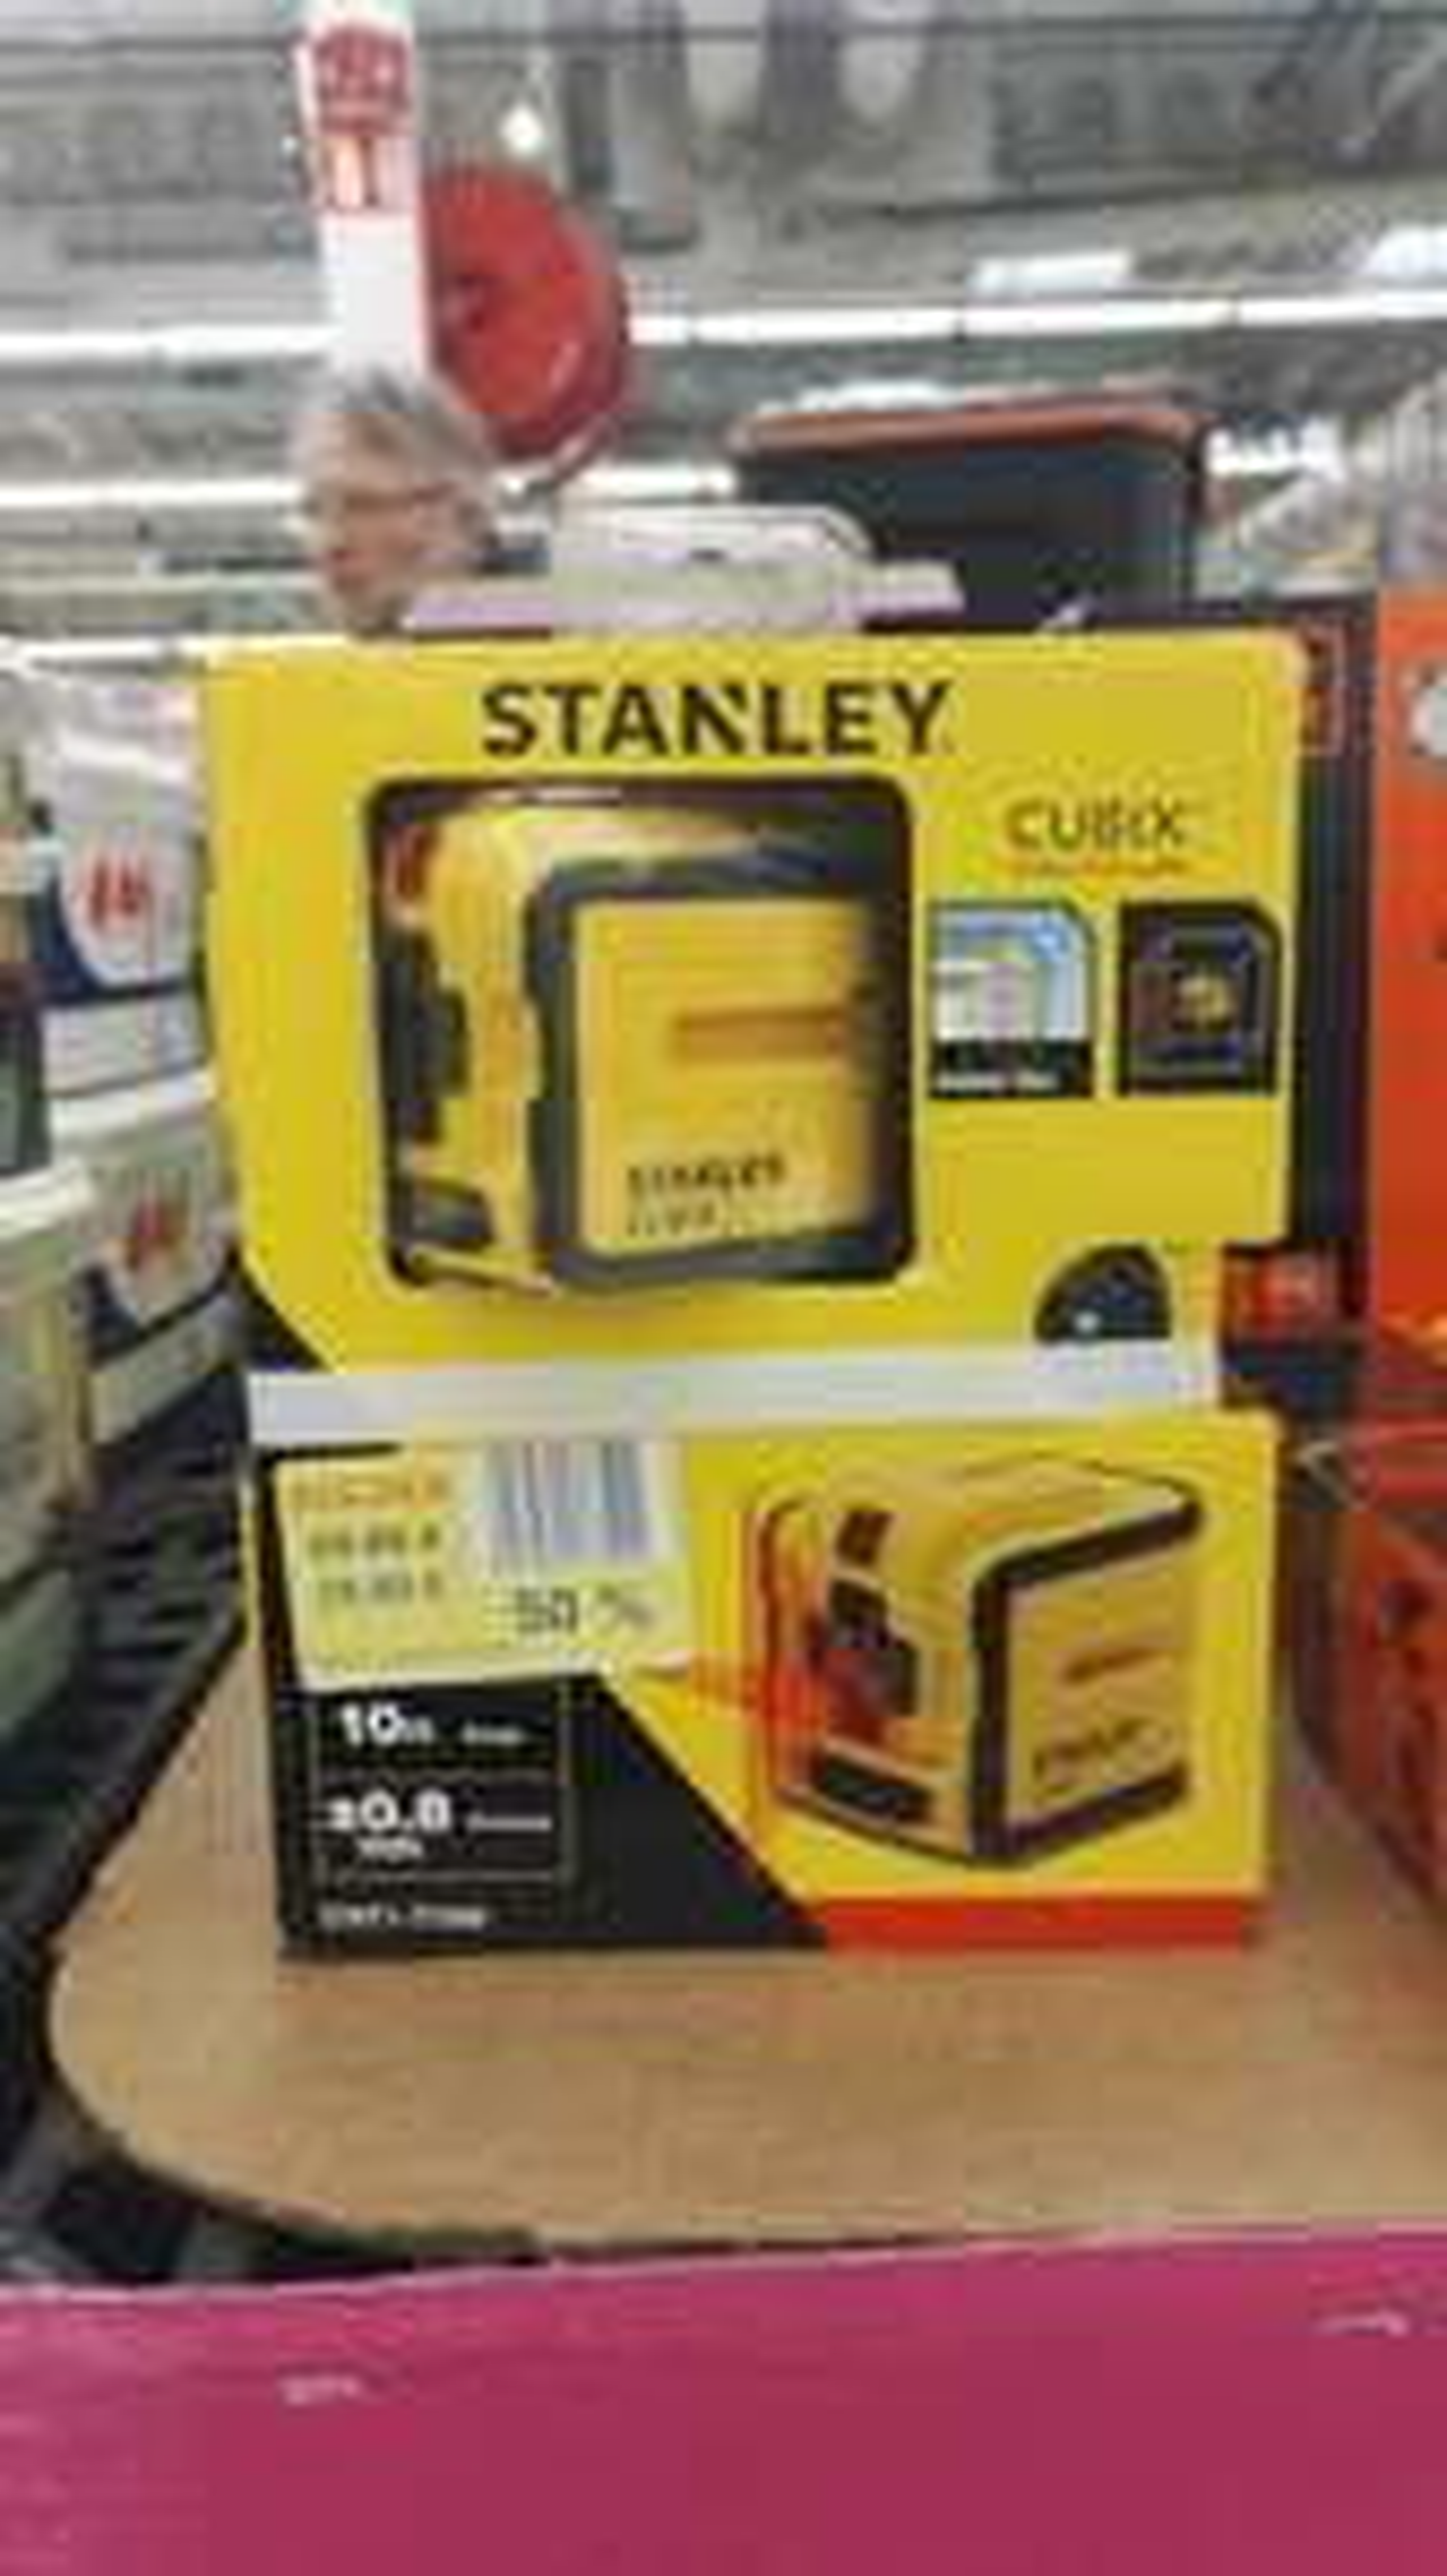 Laser Stanley Cubix STHT1-77340 au carrefour de Merignac (33)